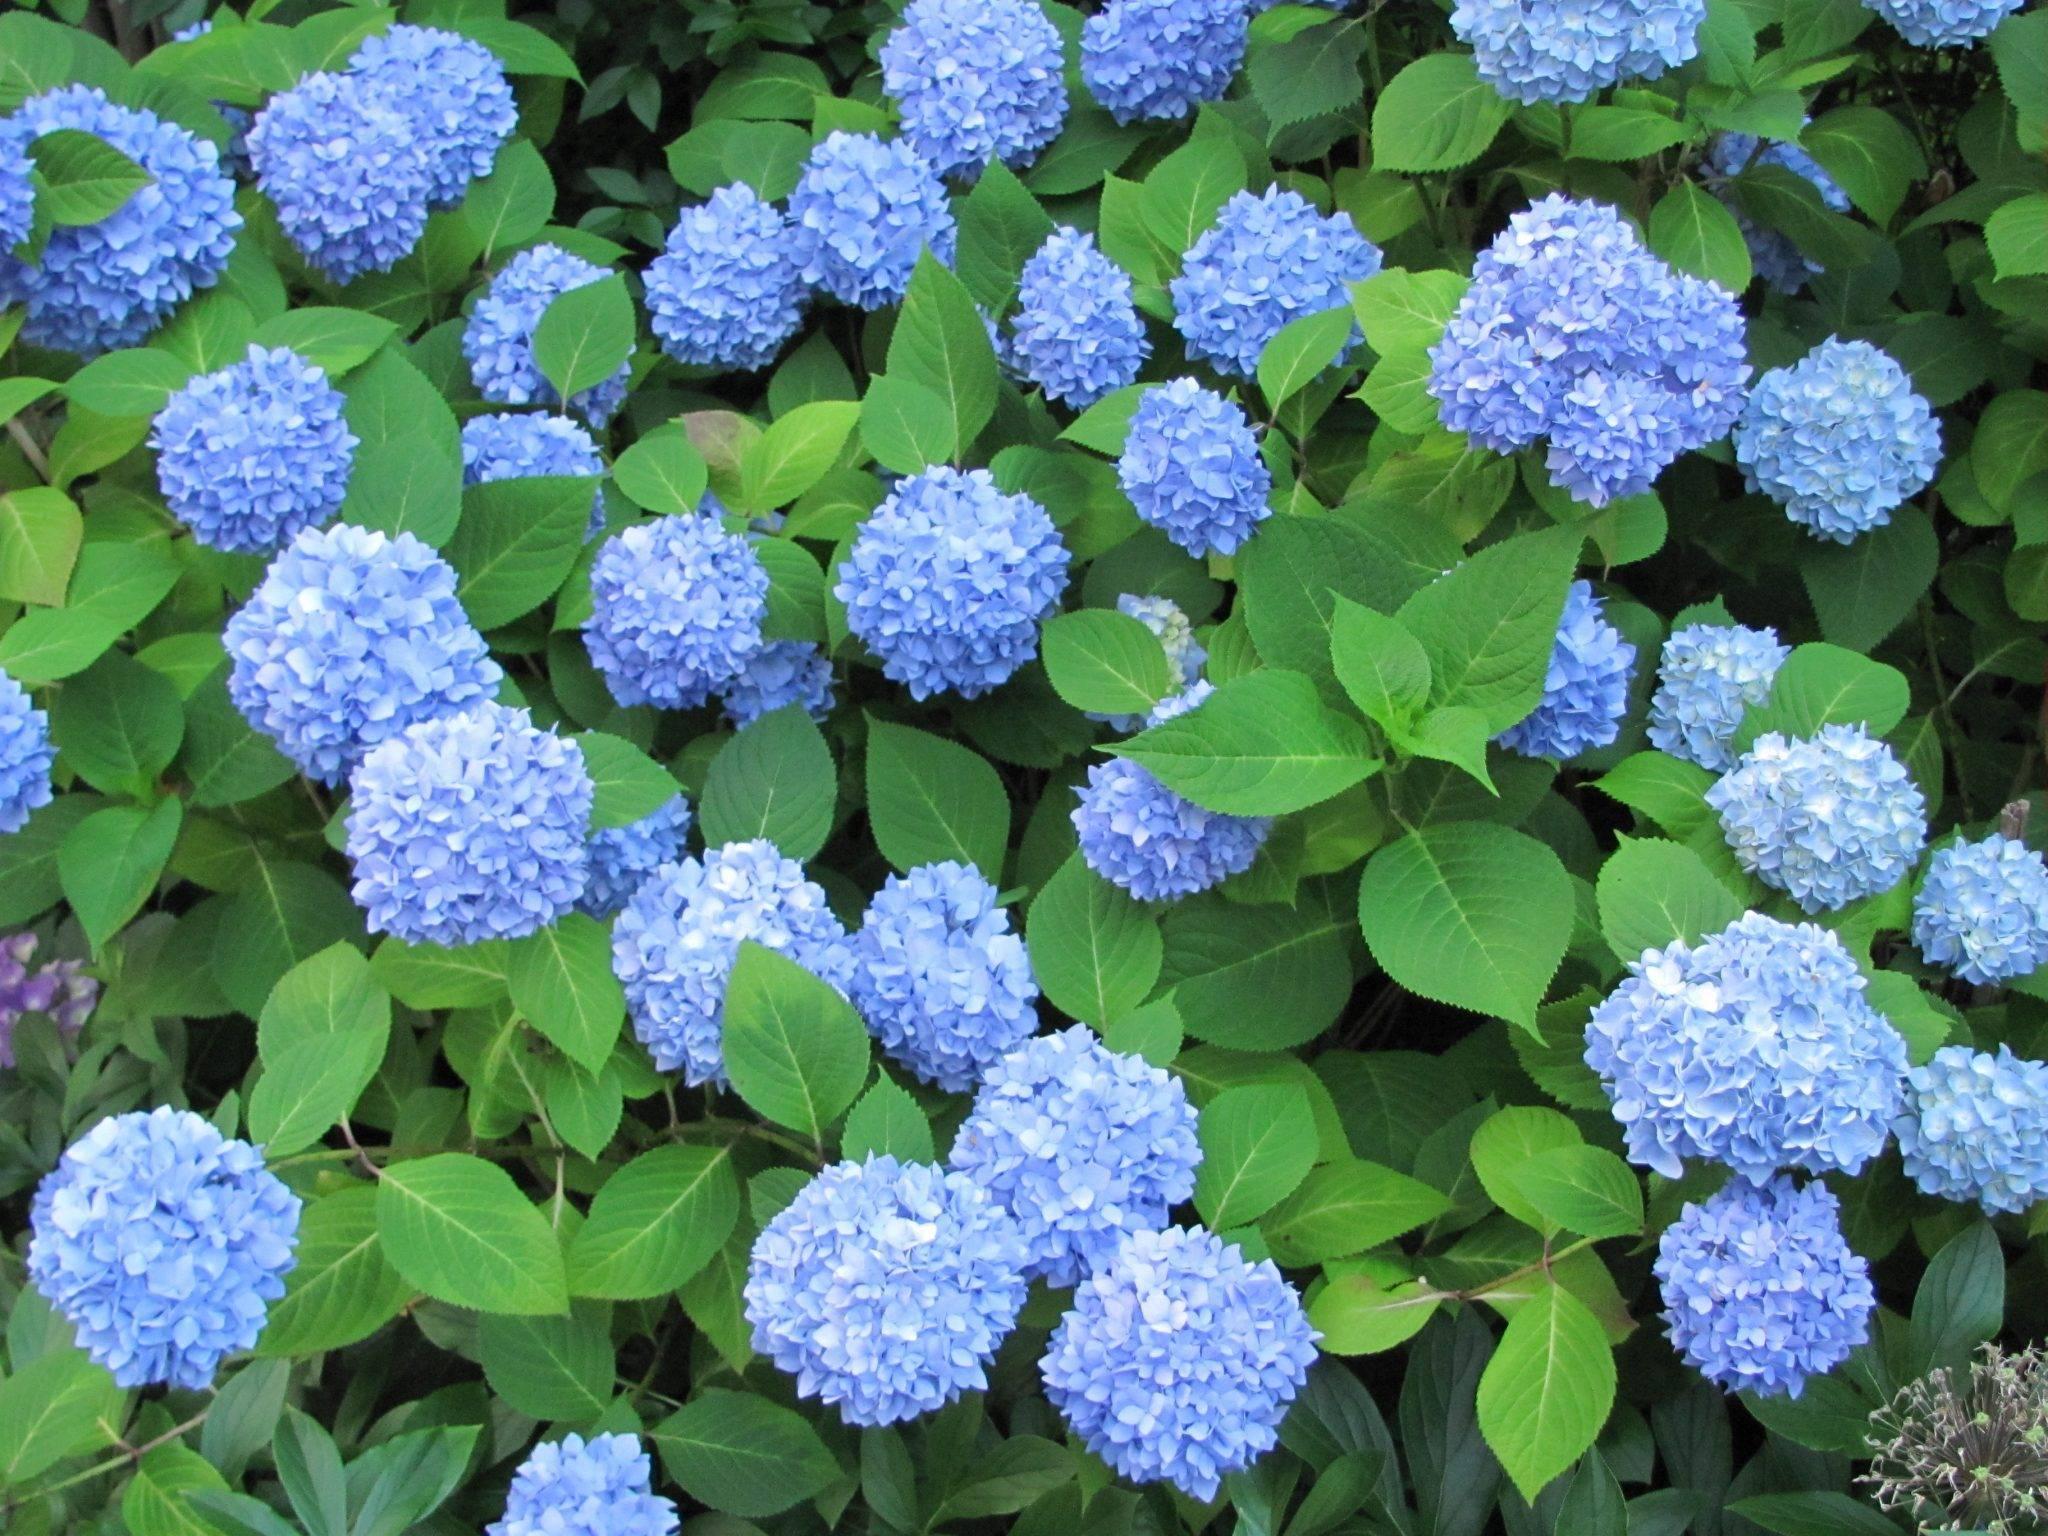 Голубая и синяя гортензия (44 фото): «никко блю» и early blue, «блю вейв» и «романс блю», посадка и уход в открытом грунте